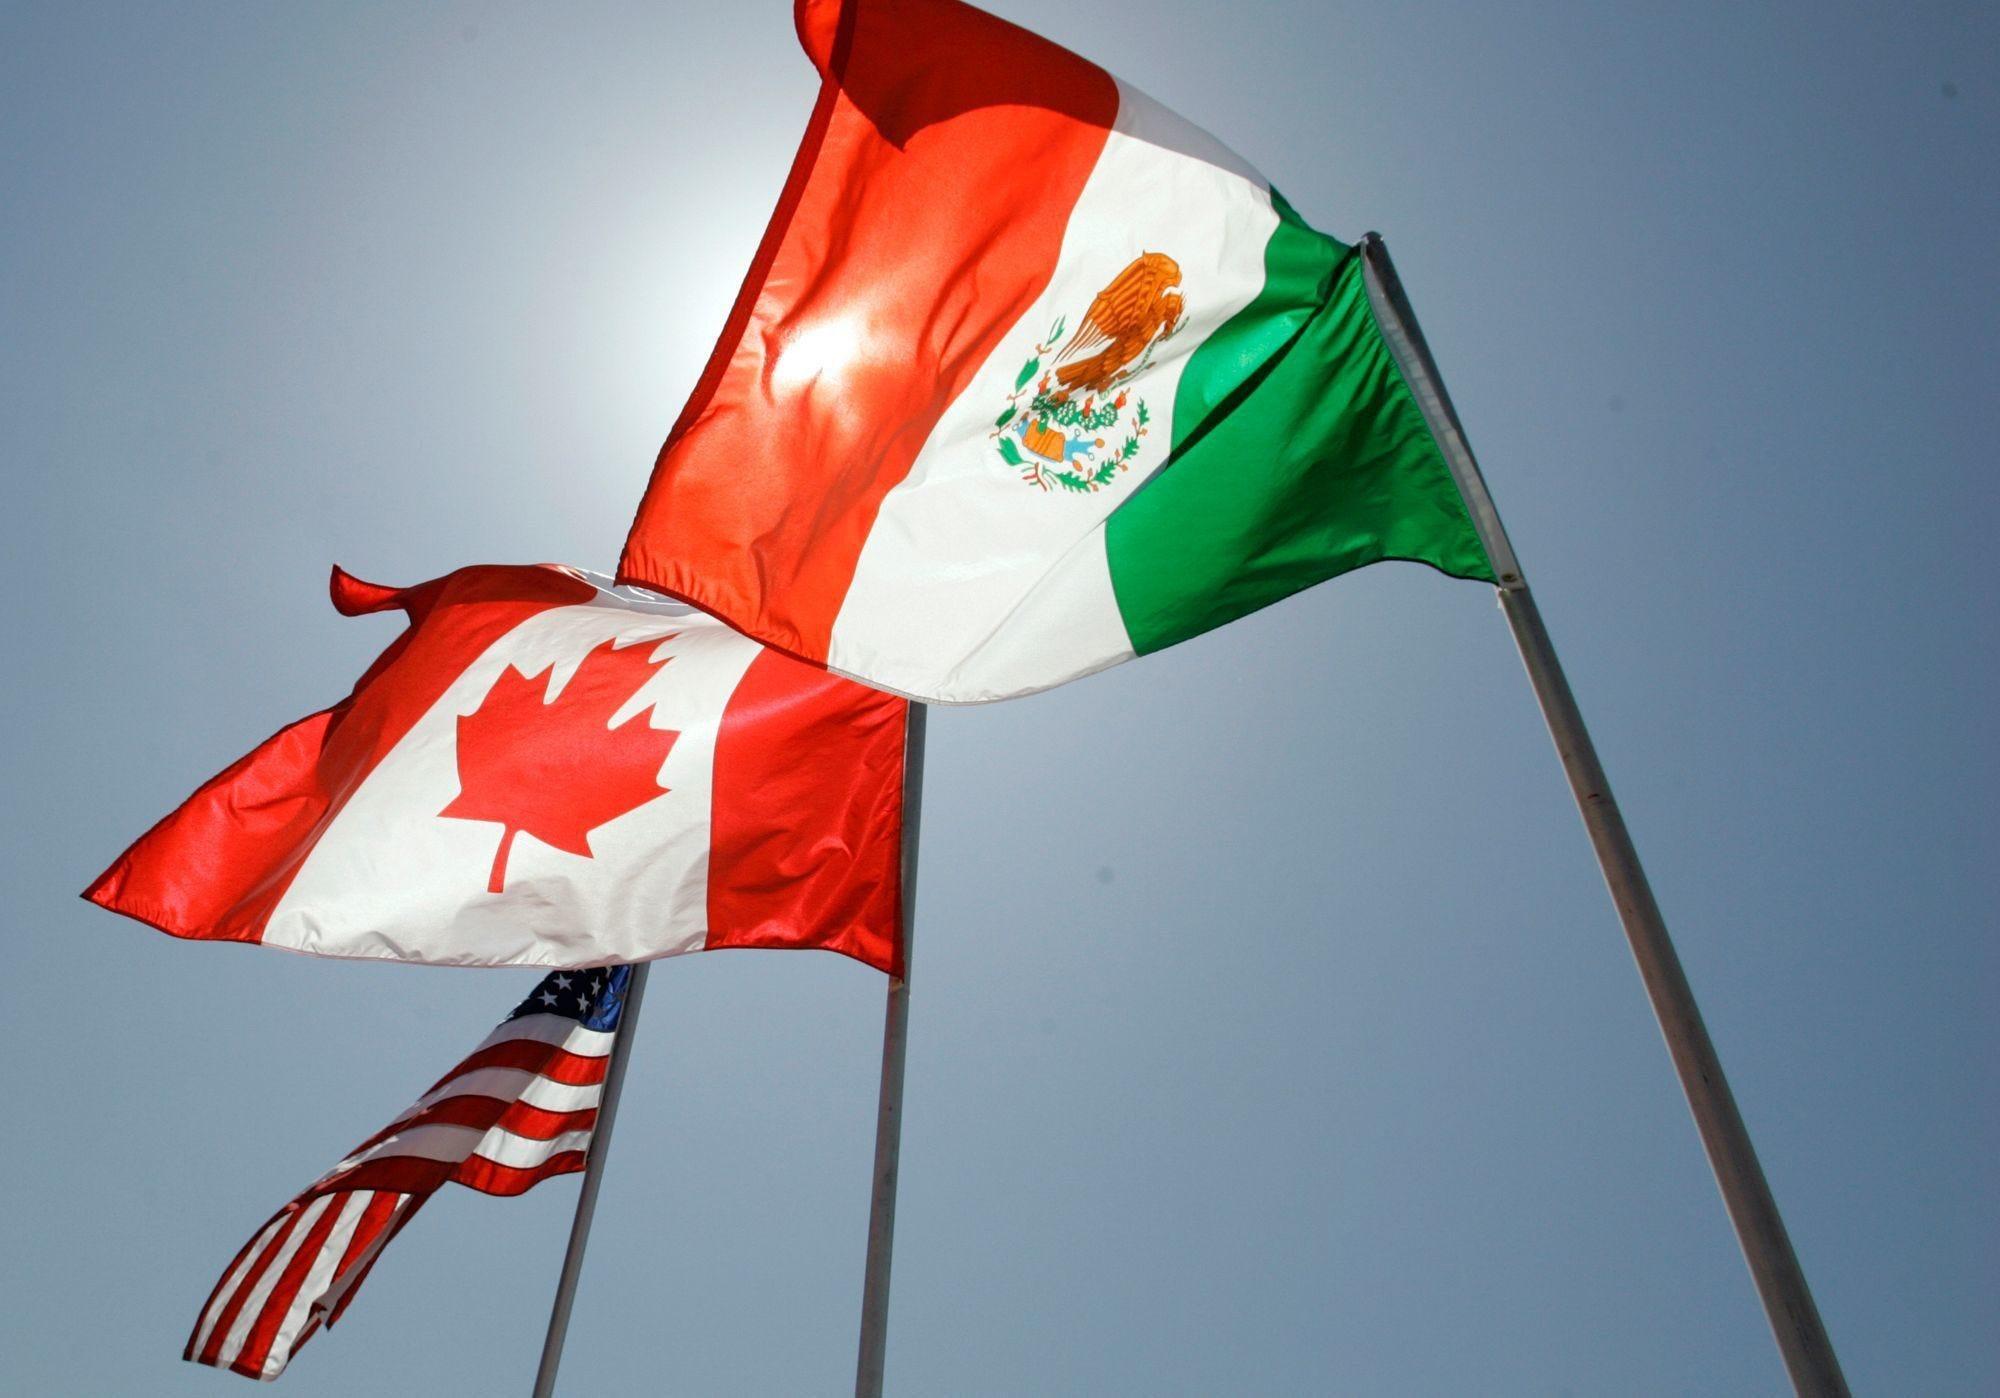 Gov. Kim Reynolds: Iowa needs Congress to ratify the U.S.-Mexico-Canada trade agreement